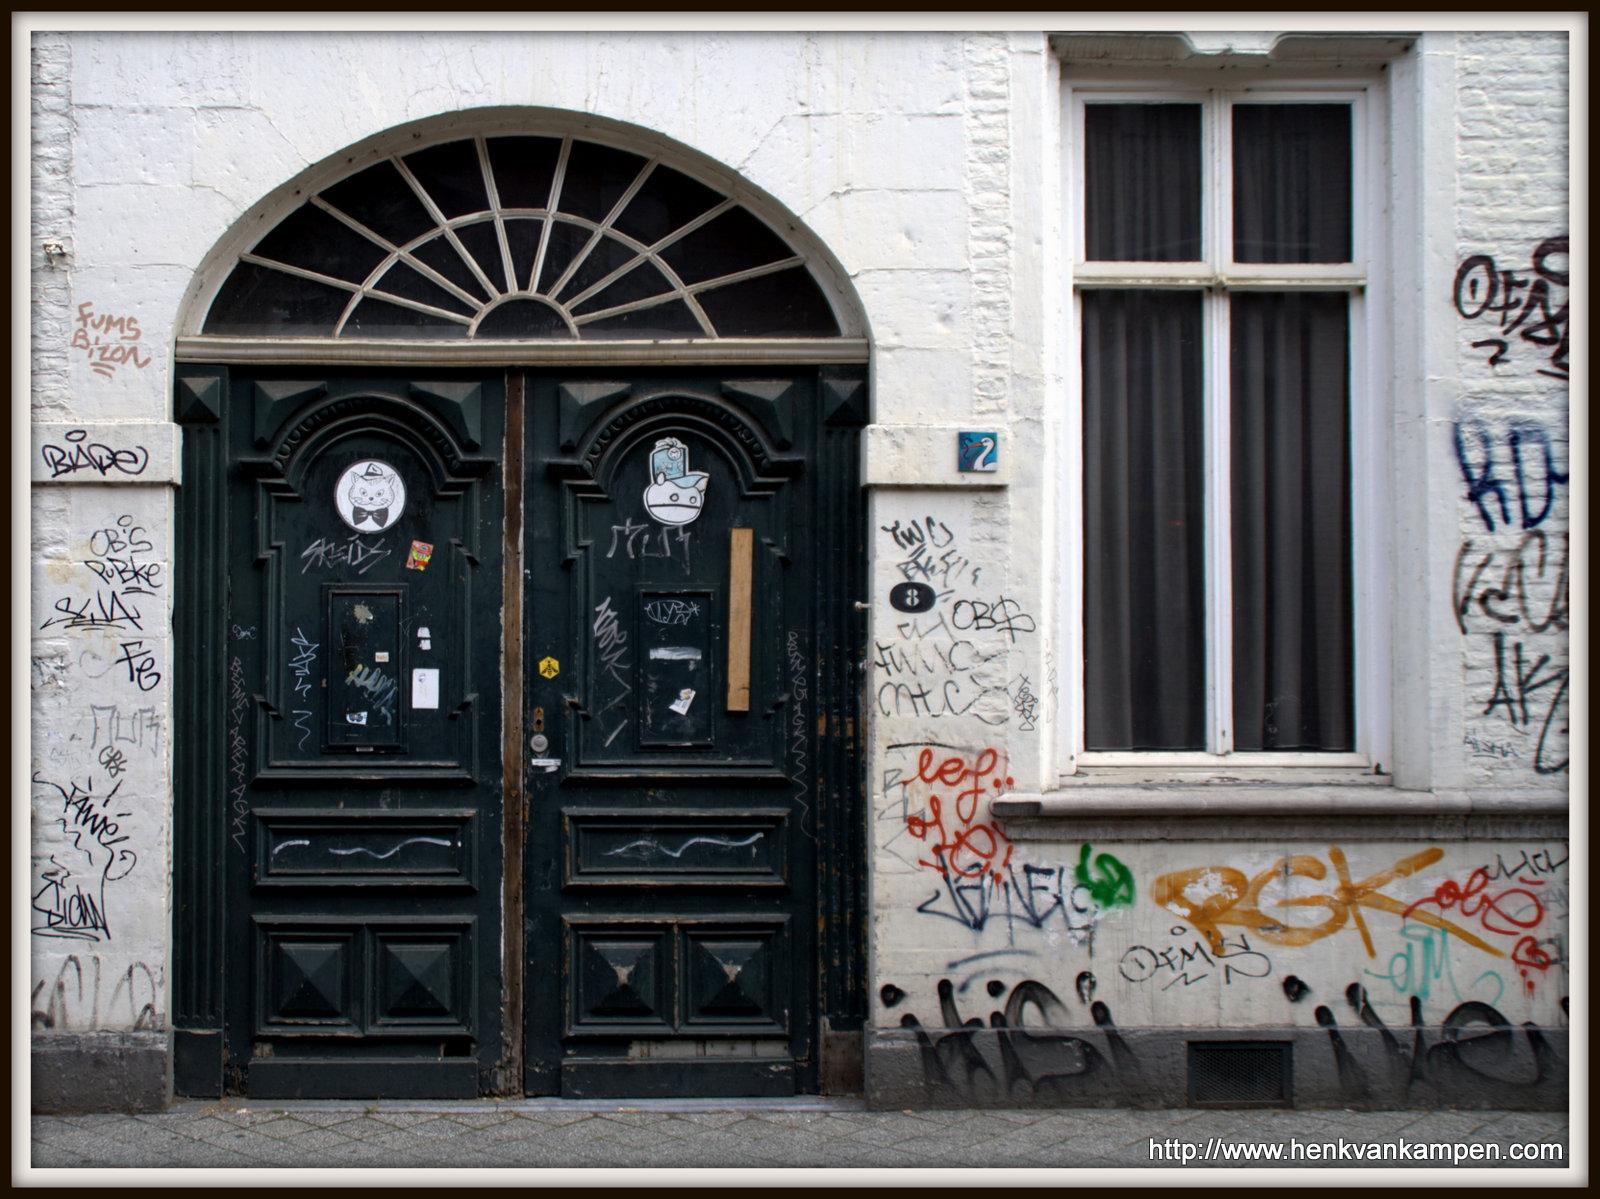 Graffiti, Bredestraat